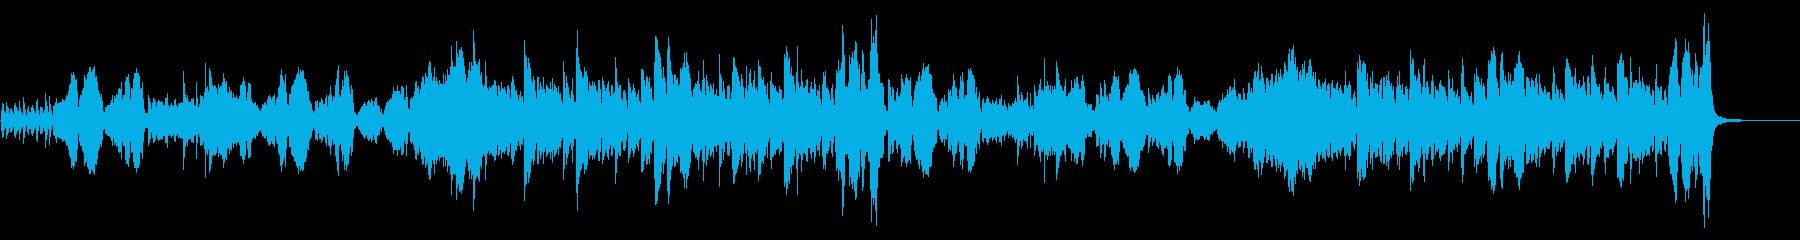 チャイコフスキー「花のワルツ」のカバーの再生済みの波形